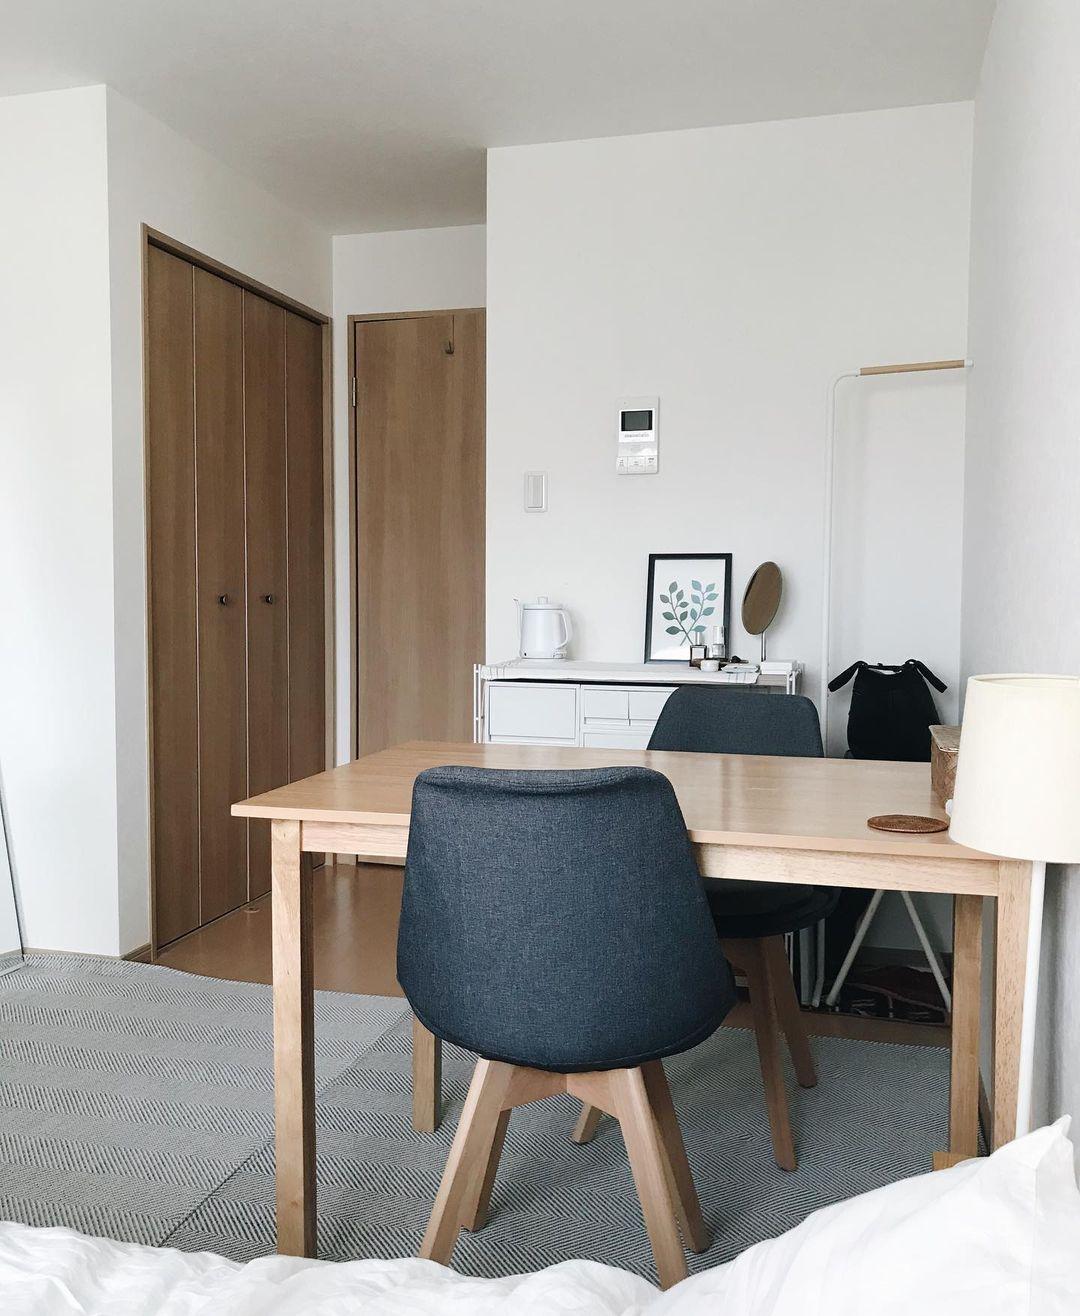 6畳ほどのお部屋は、窓側にベッド、真ん中にダイニングテーブルという配置です。